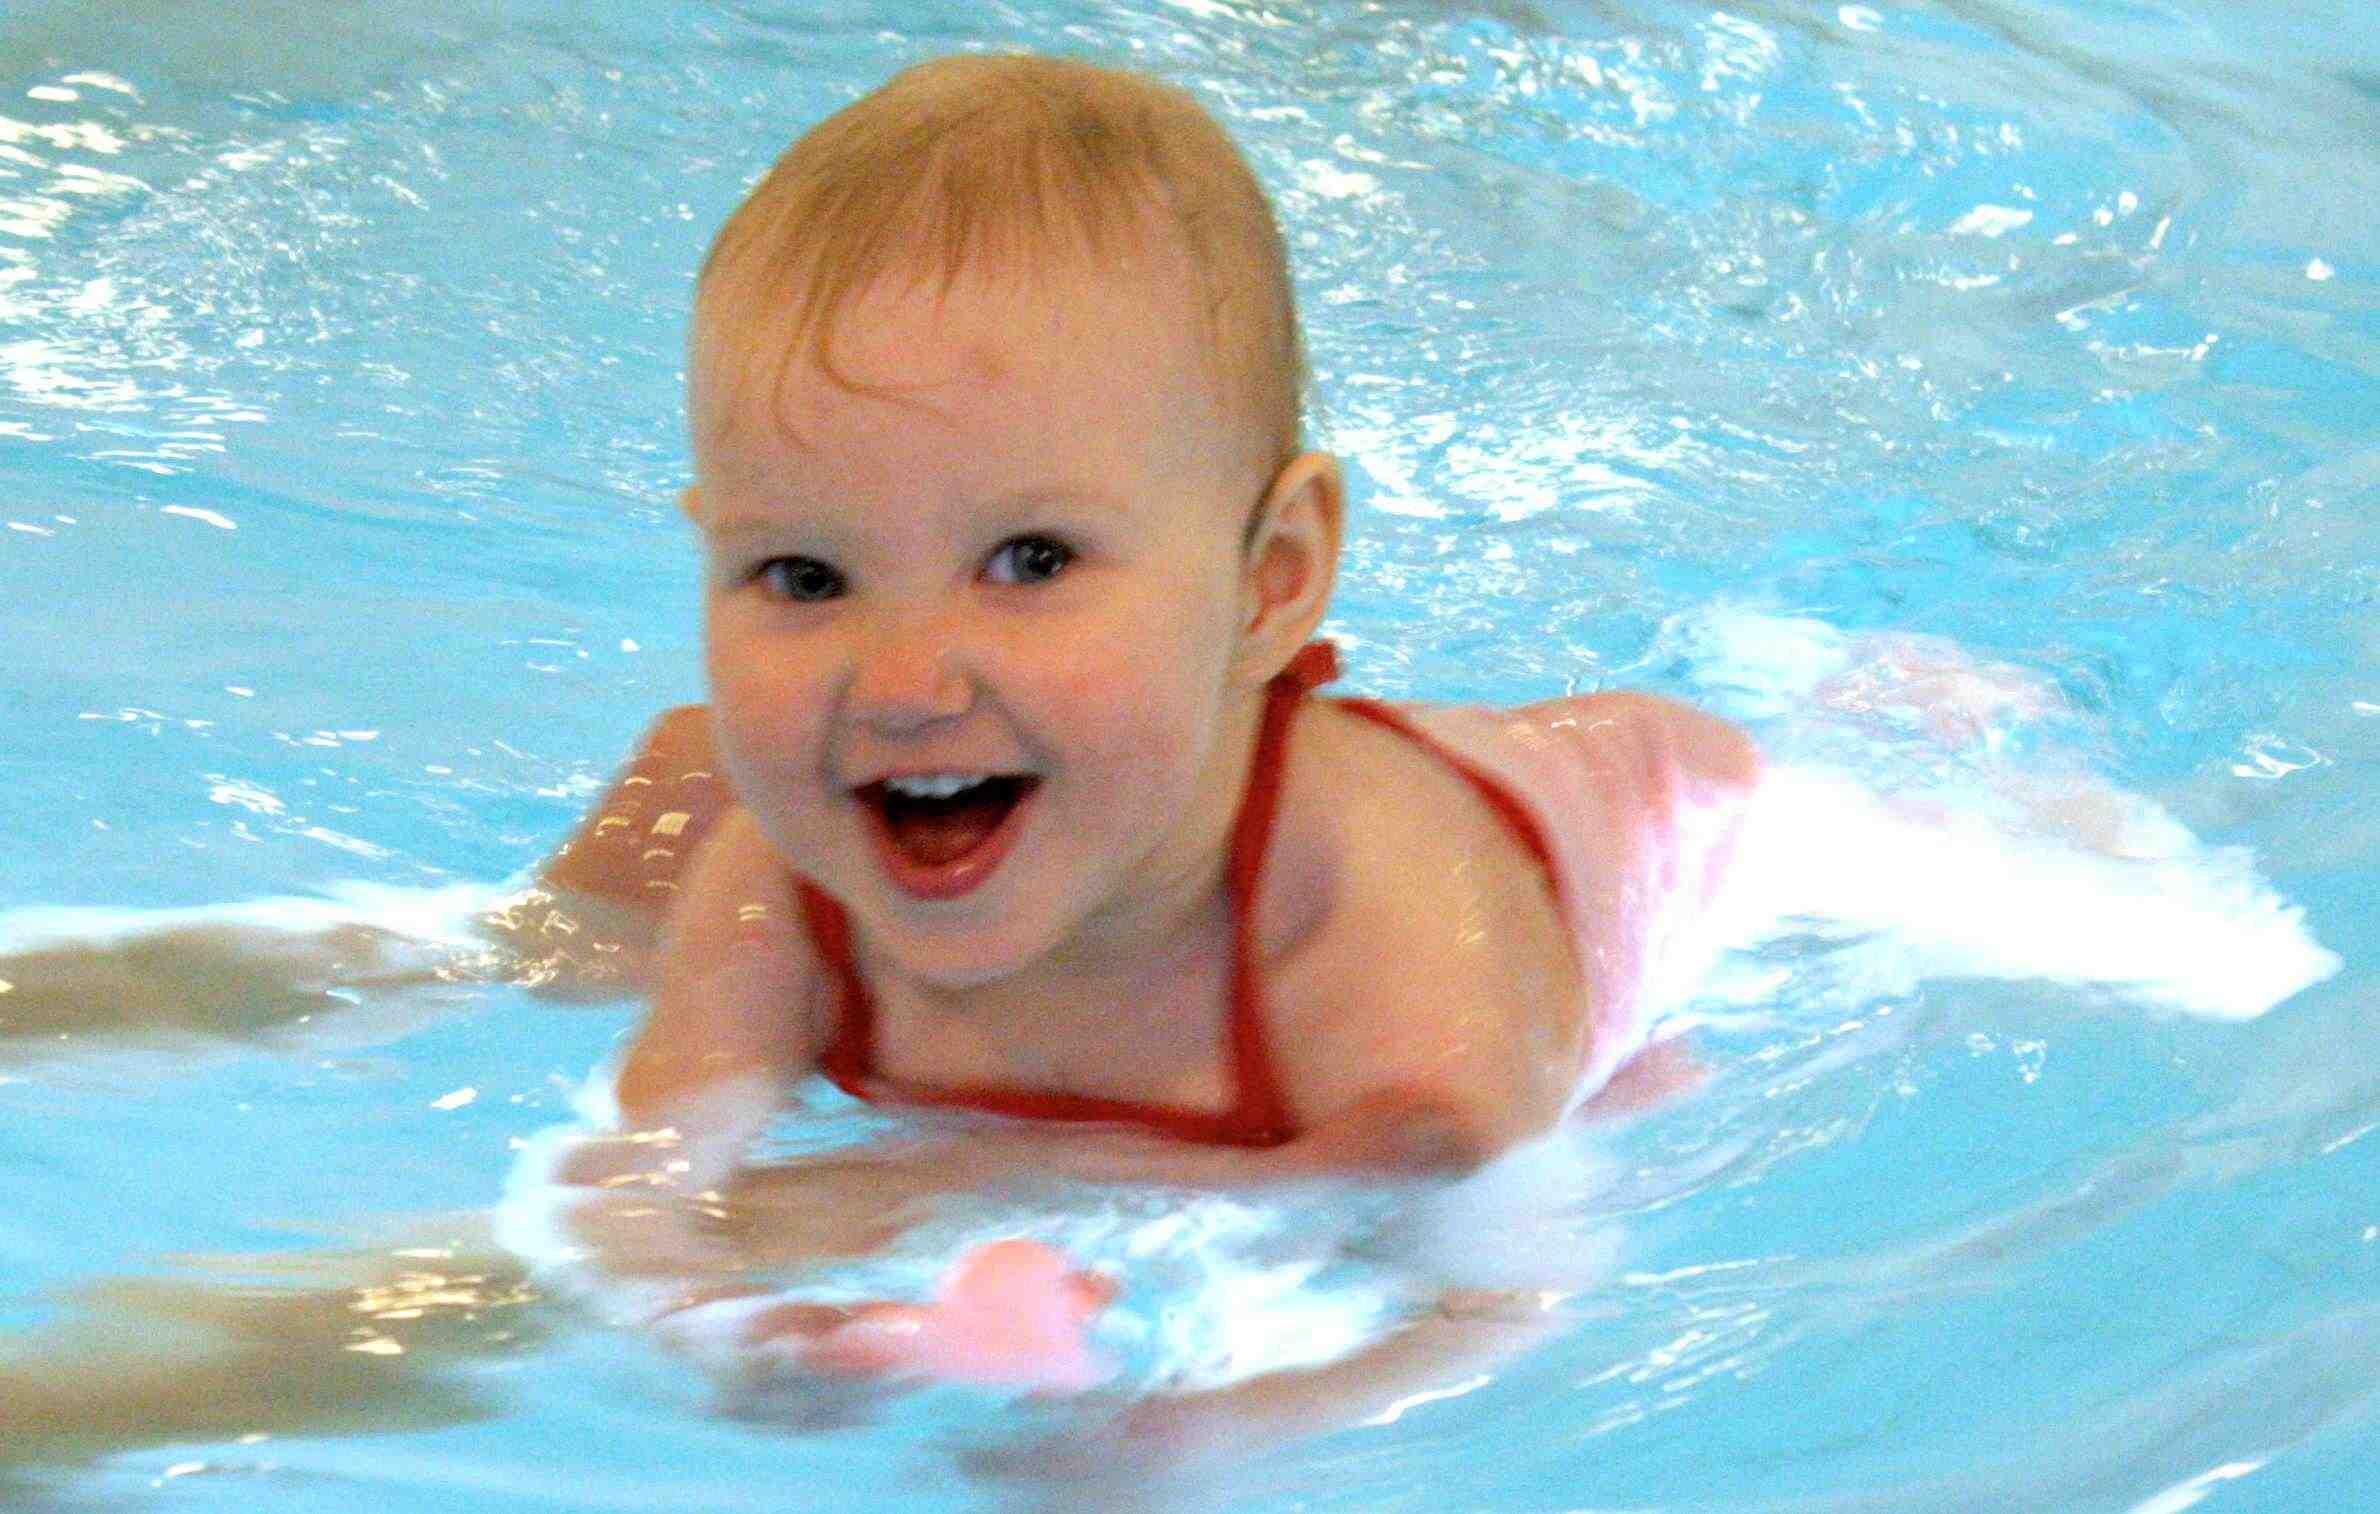 vauvan sukellusrefleksi